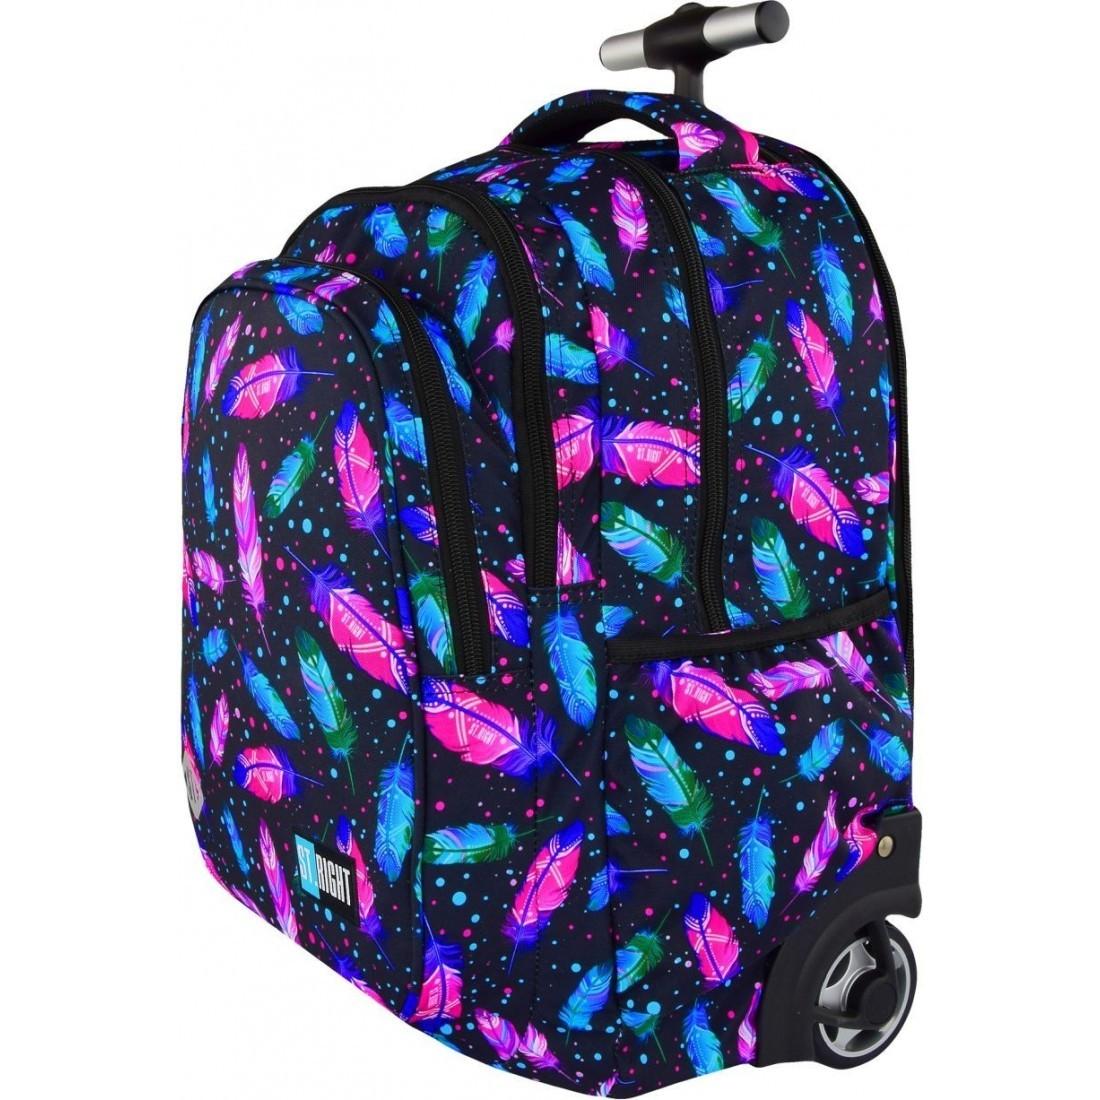 ccce33c86 ... Plecak na kółkach ST.RIGHT FEATHERS kolorowe piórka dla dziewczyn HIT  2018 ...